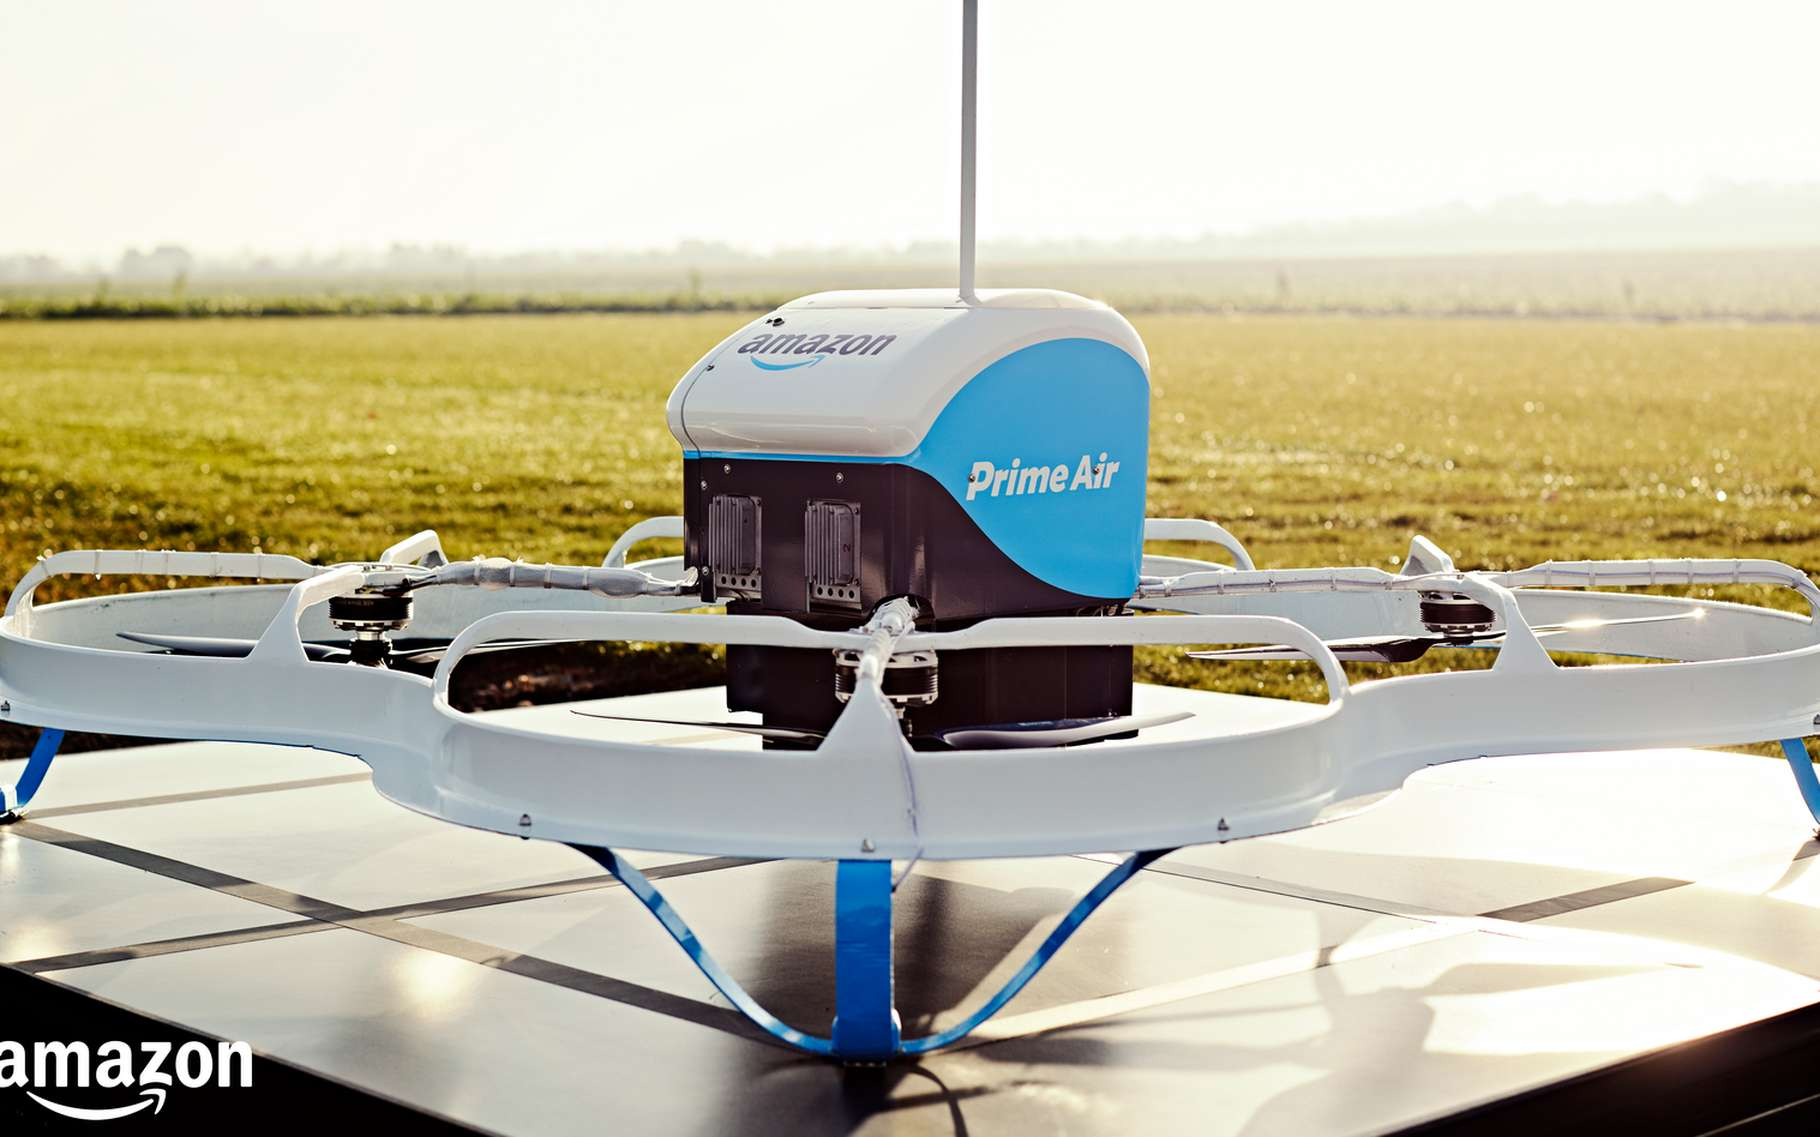 Voici la nouvelle version du drone livreur qu'Amazon teste actuellement en Angleterre. © Amazon